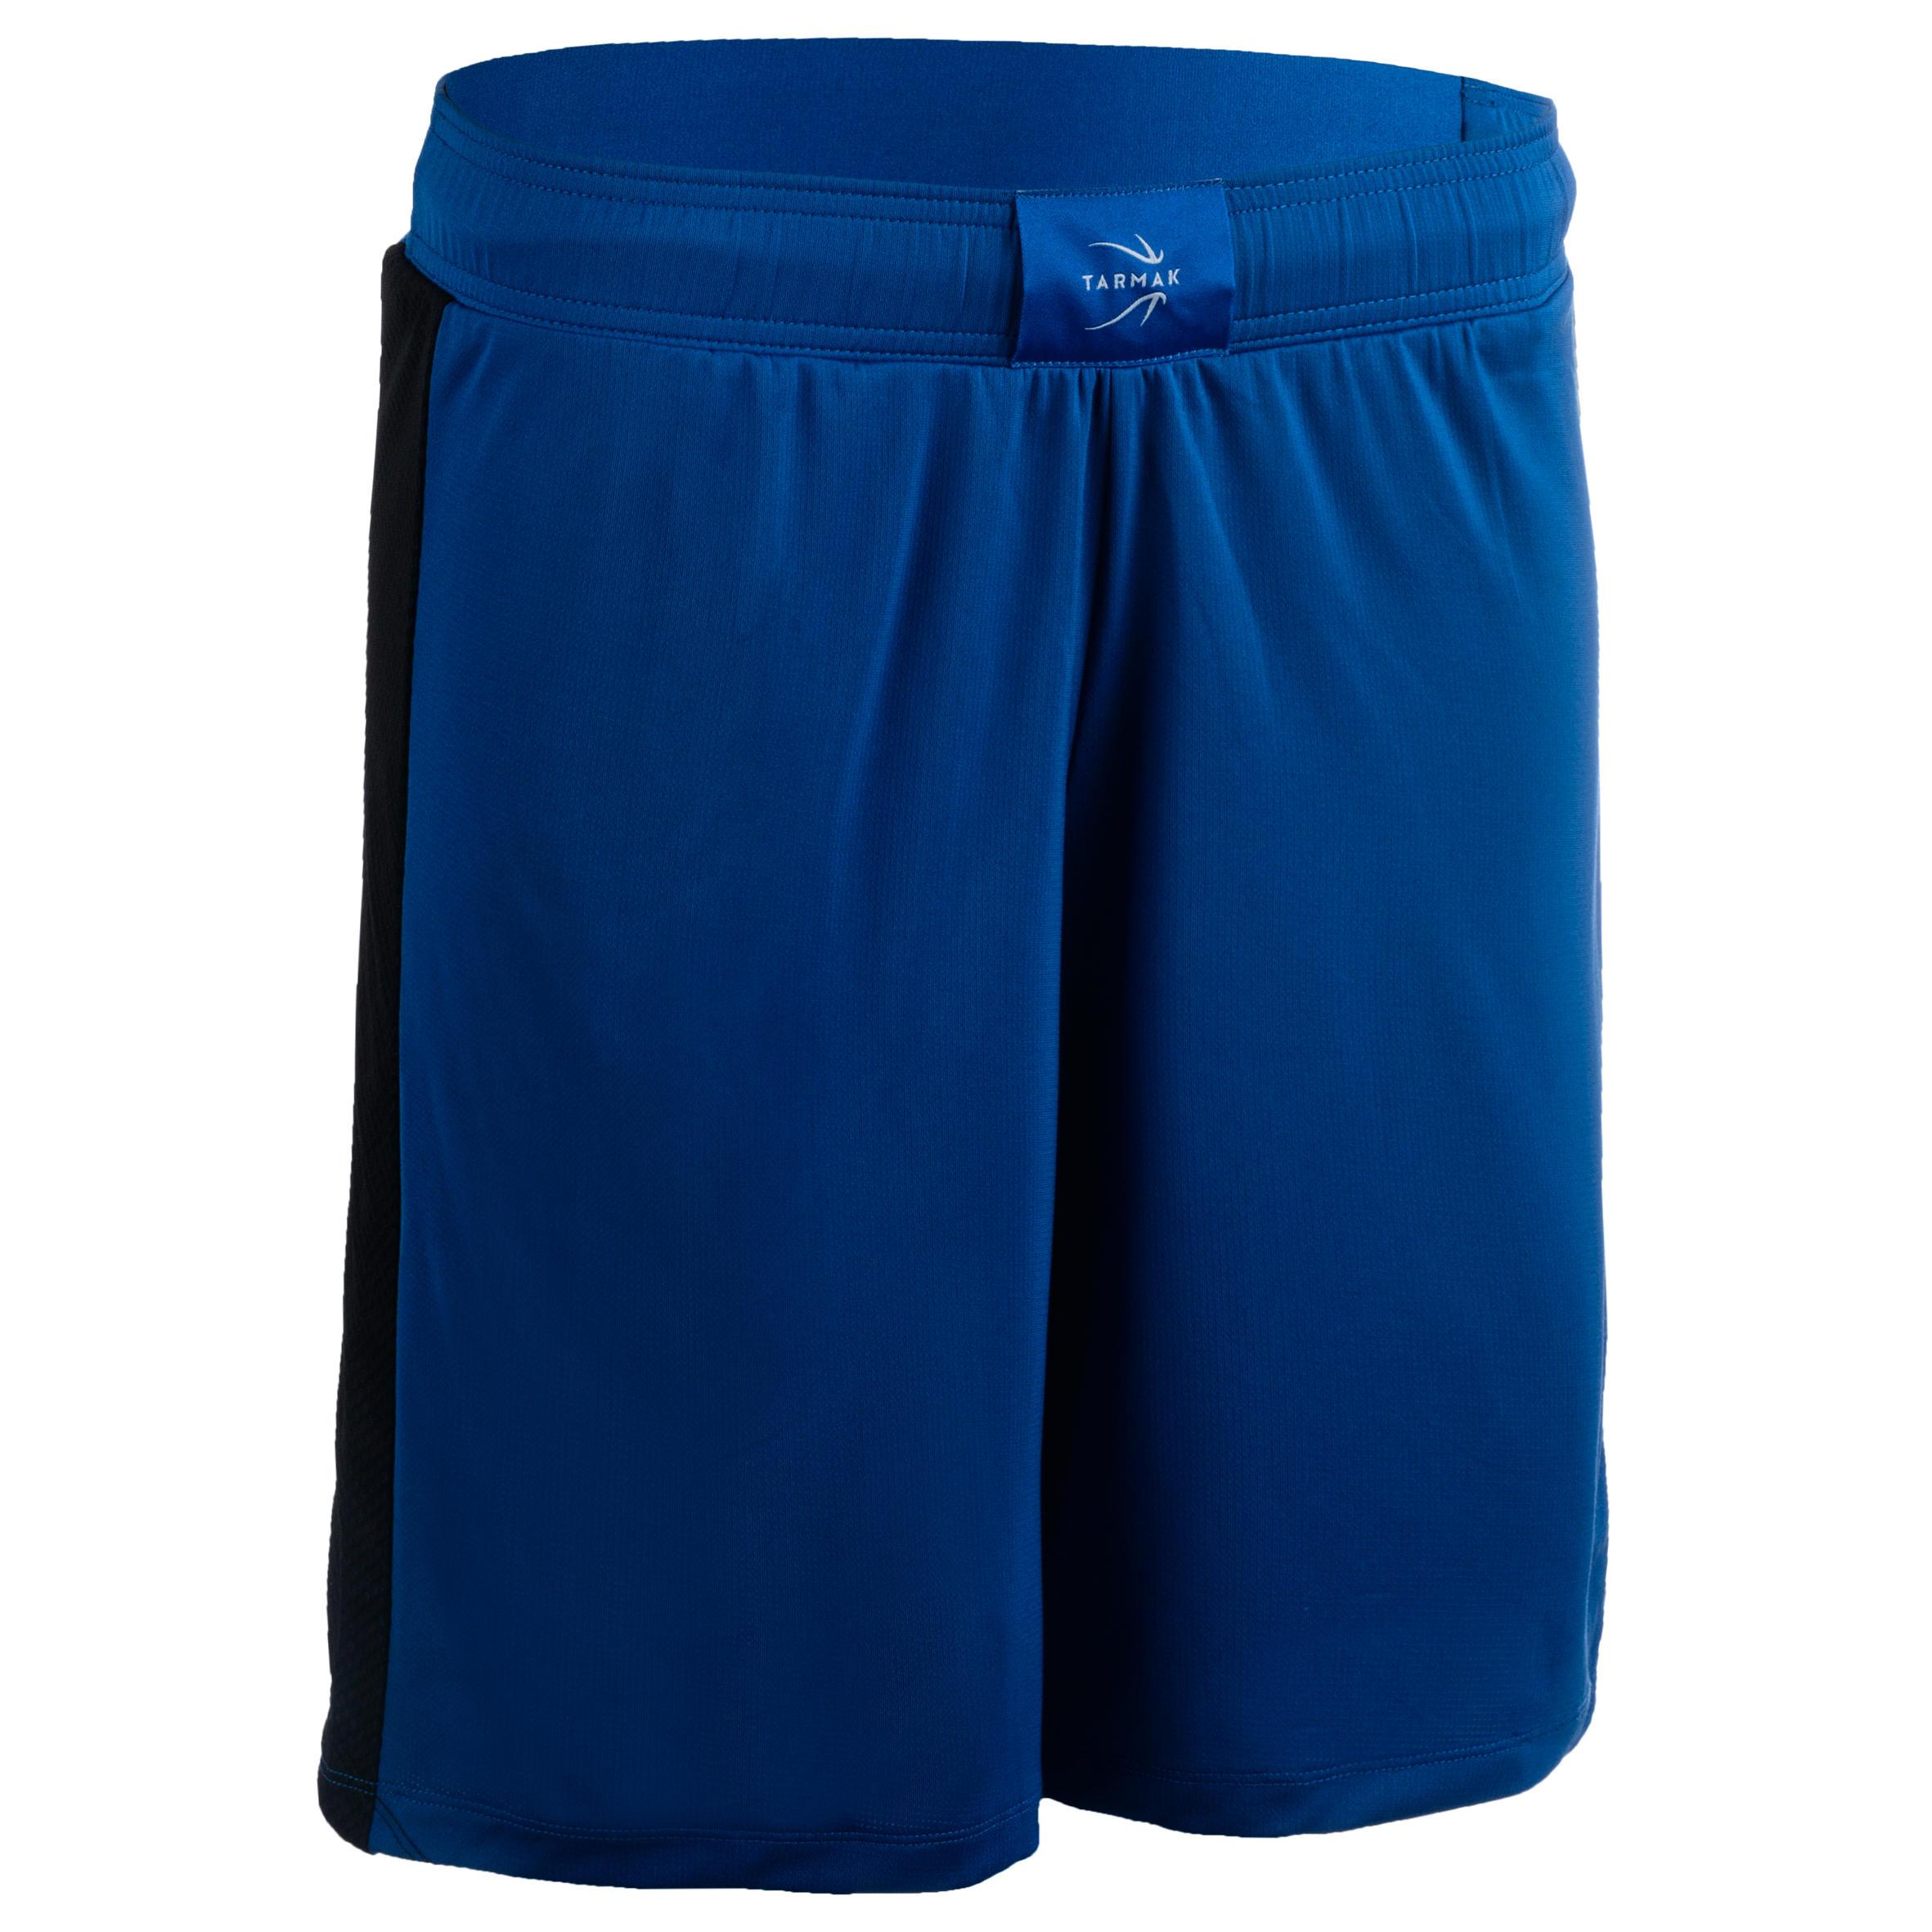 Basketballshorts SH500 Damen blau/schwarz | Sportbekleidung > Sporthosen > Basketballshorts | Blau - Schwarz | Tarmak